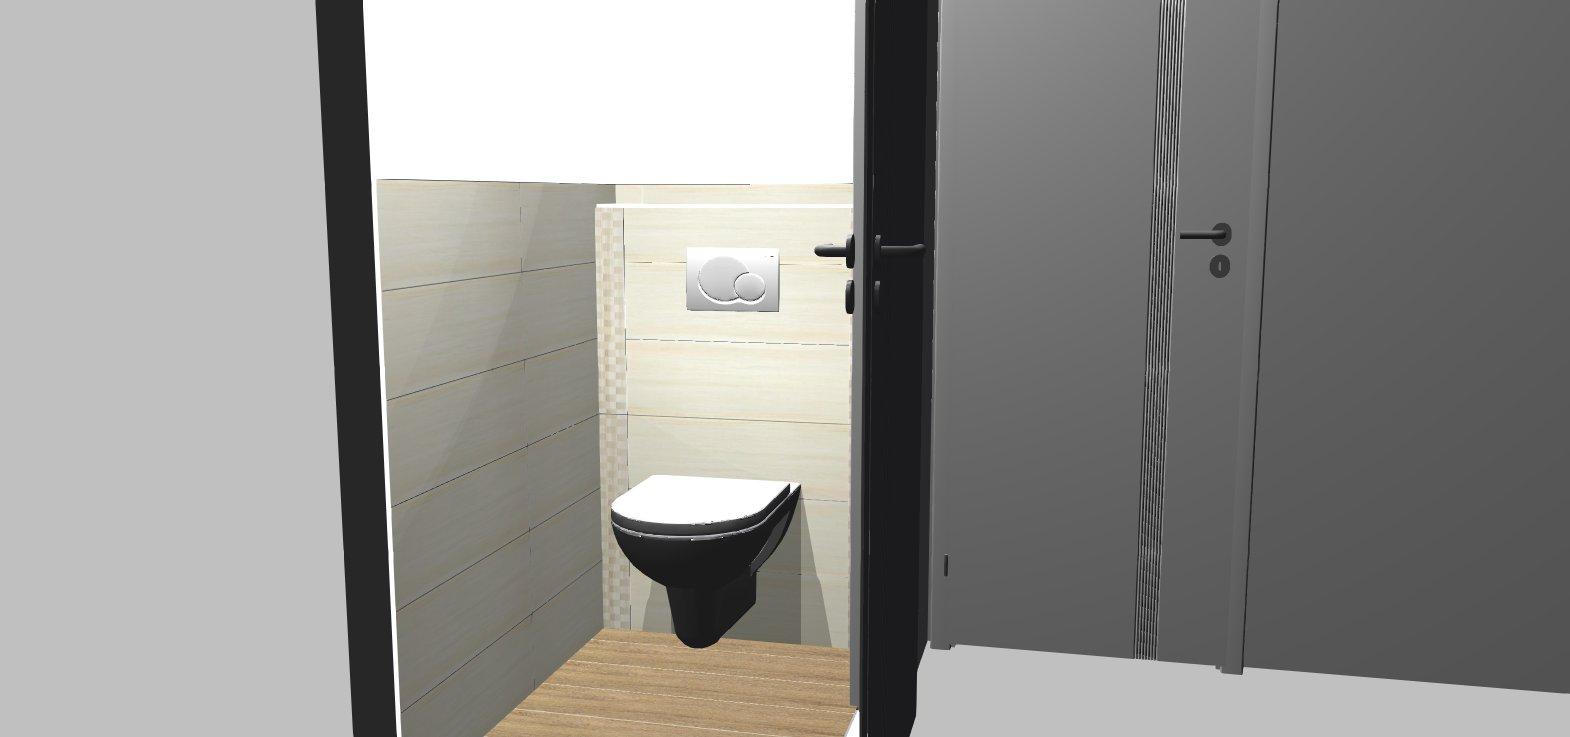 Mala panelakova koupelna - Obrázek č. 17